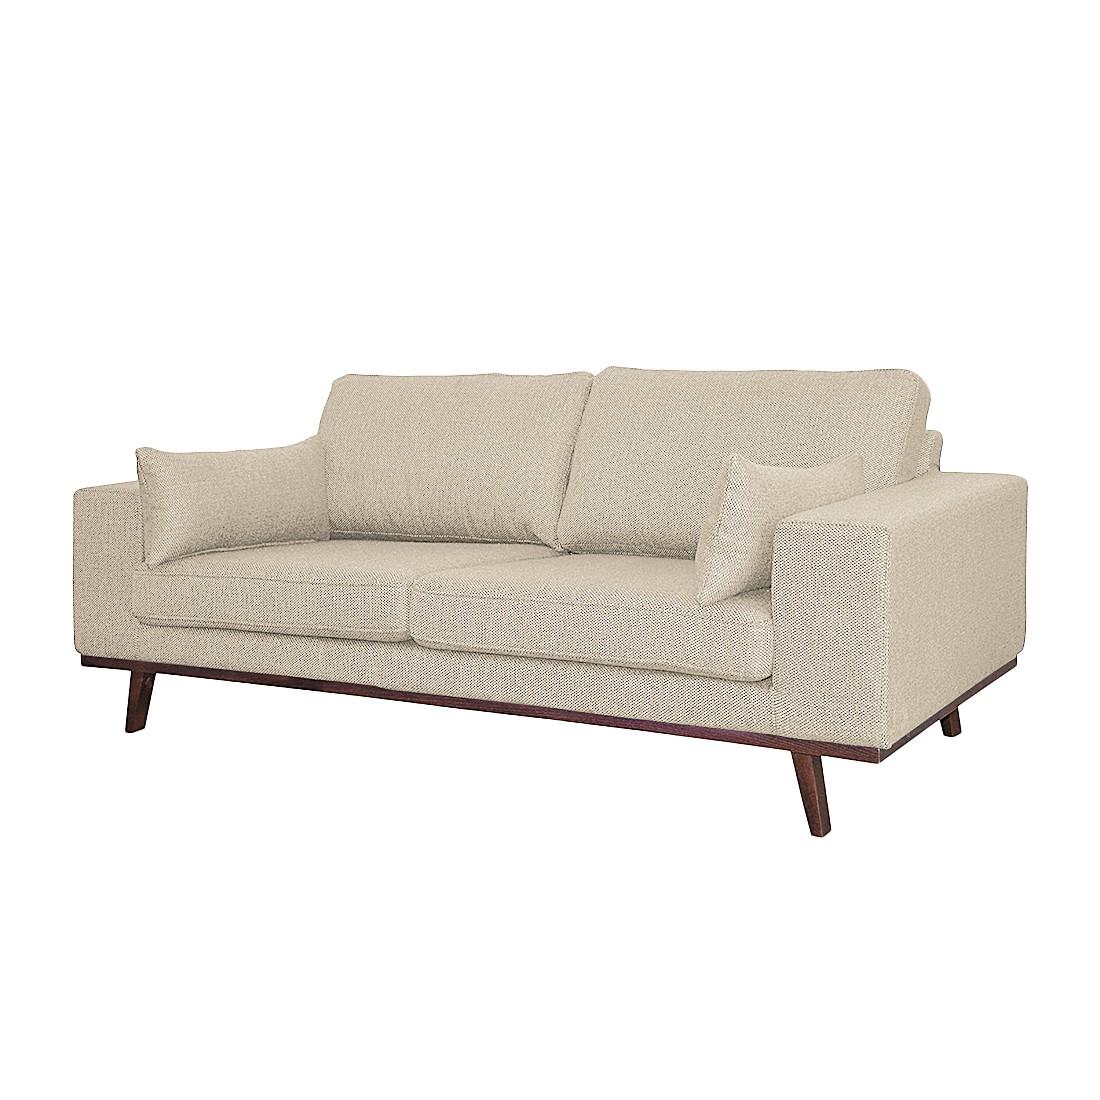 home24 Sofa Billund I (2-Sitzer) Strukturstoff